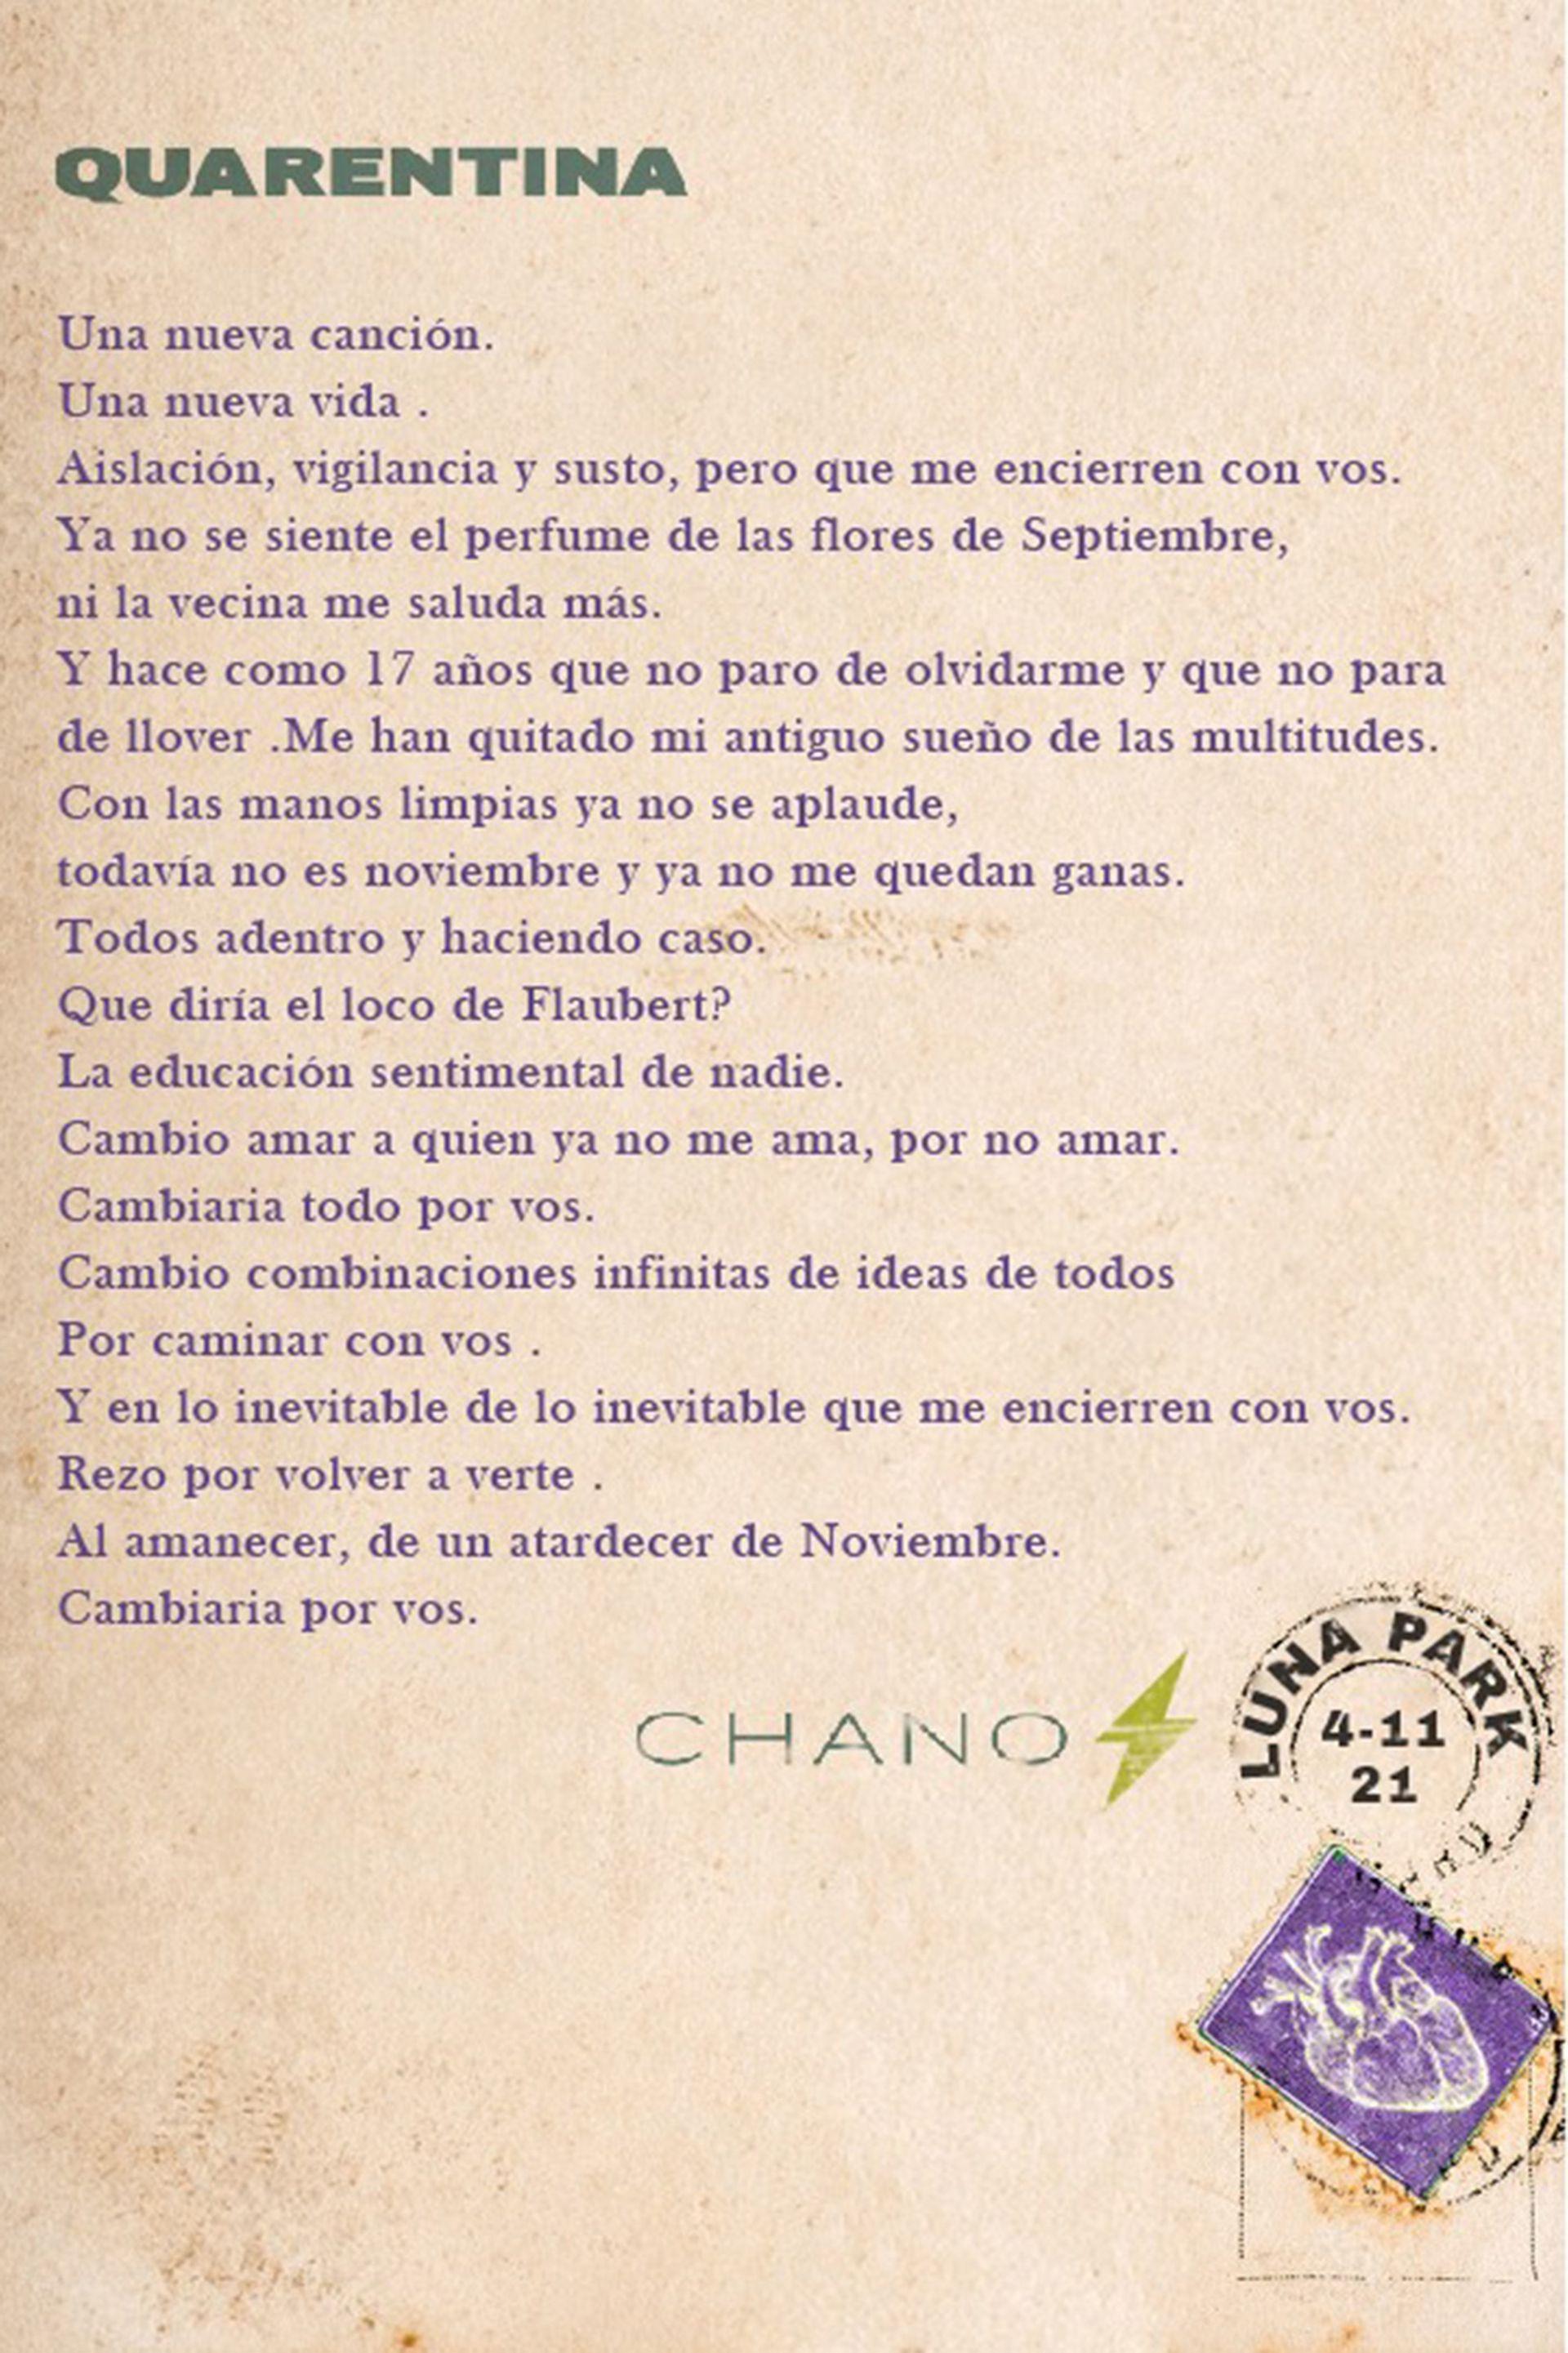 """""""Quarentina"""", con la firma de Chano"""